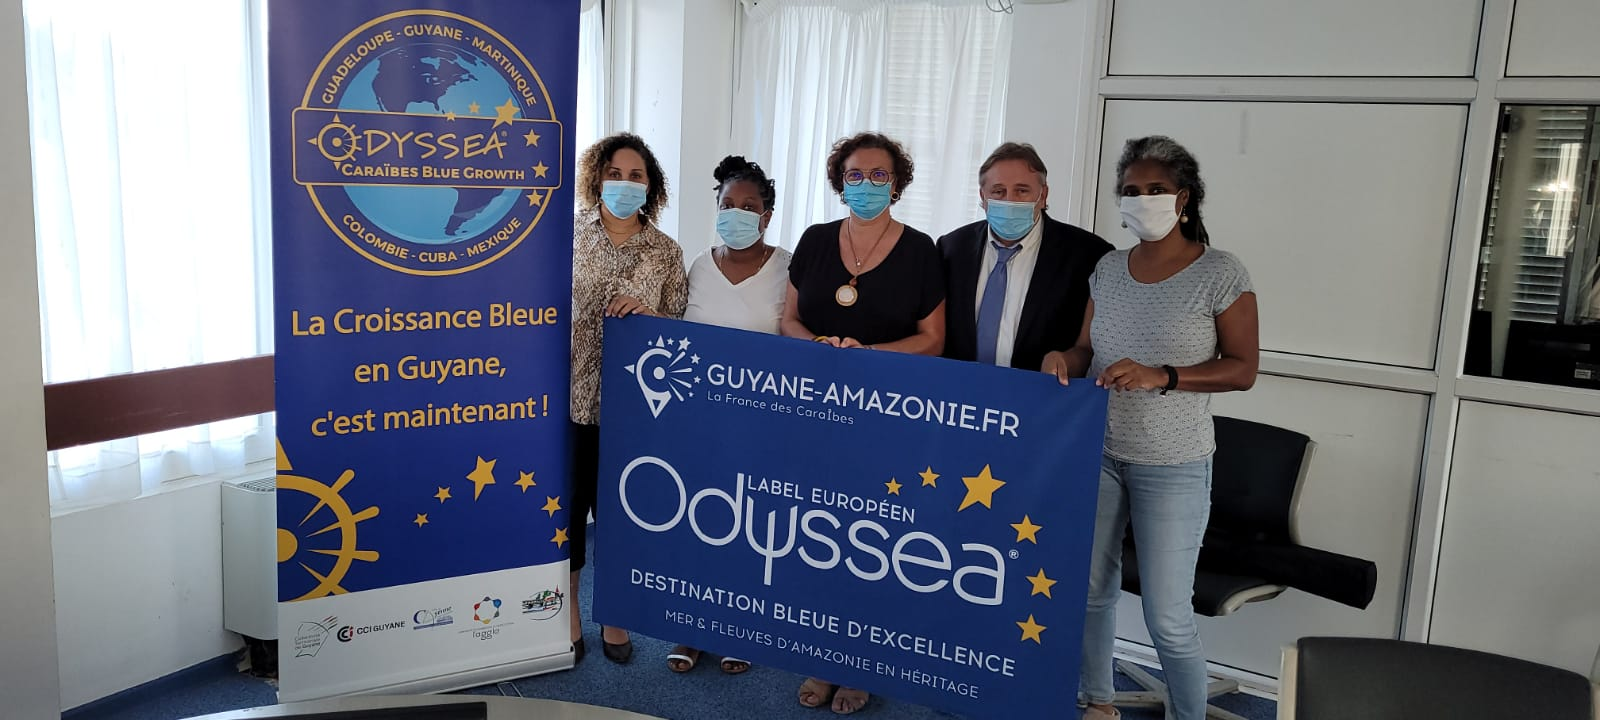 Comité Technique des partenaires guyanais du programme Odyssea Caraïbes Blue Growth Multi-Destination